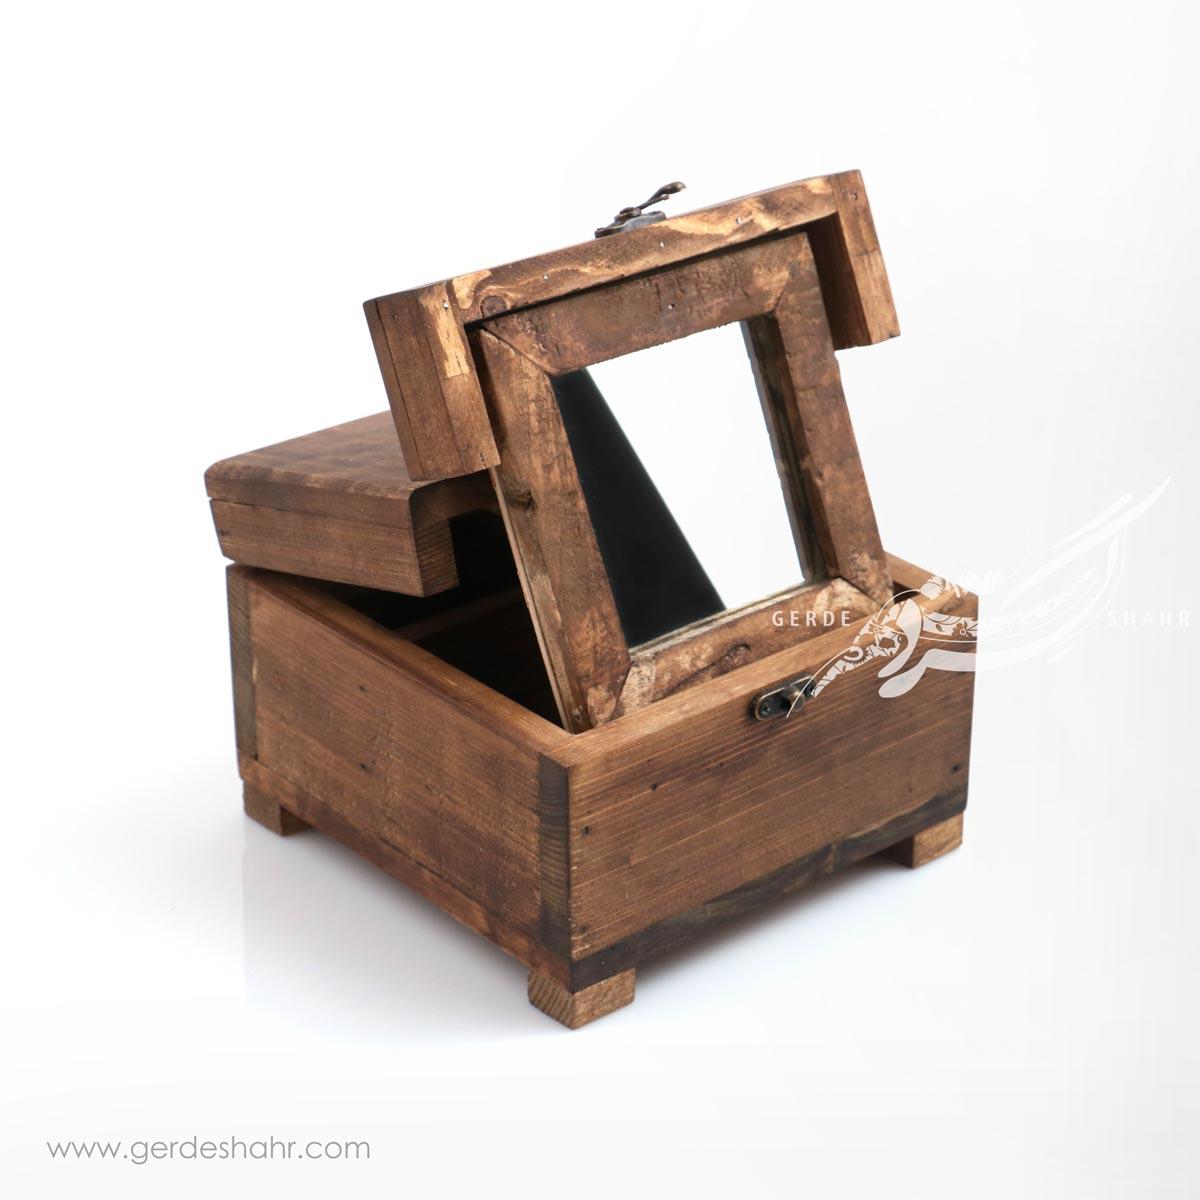 جعبه آینه مربع همدم کندو محصولات